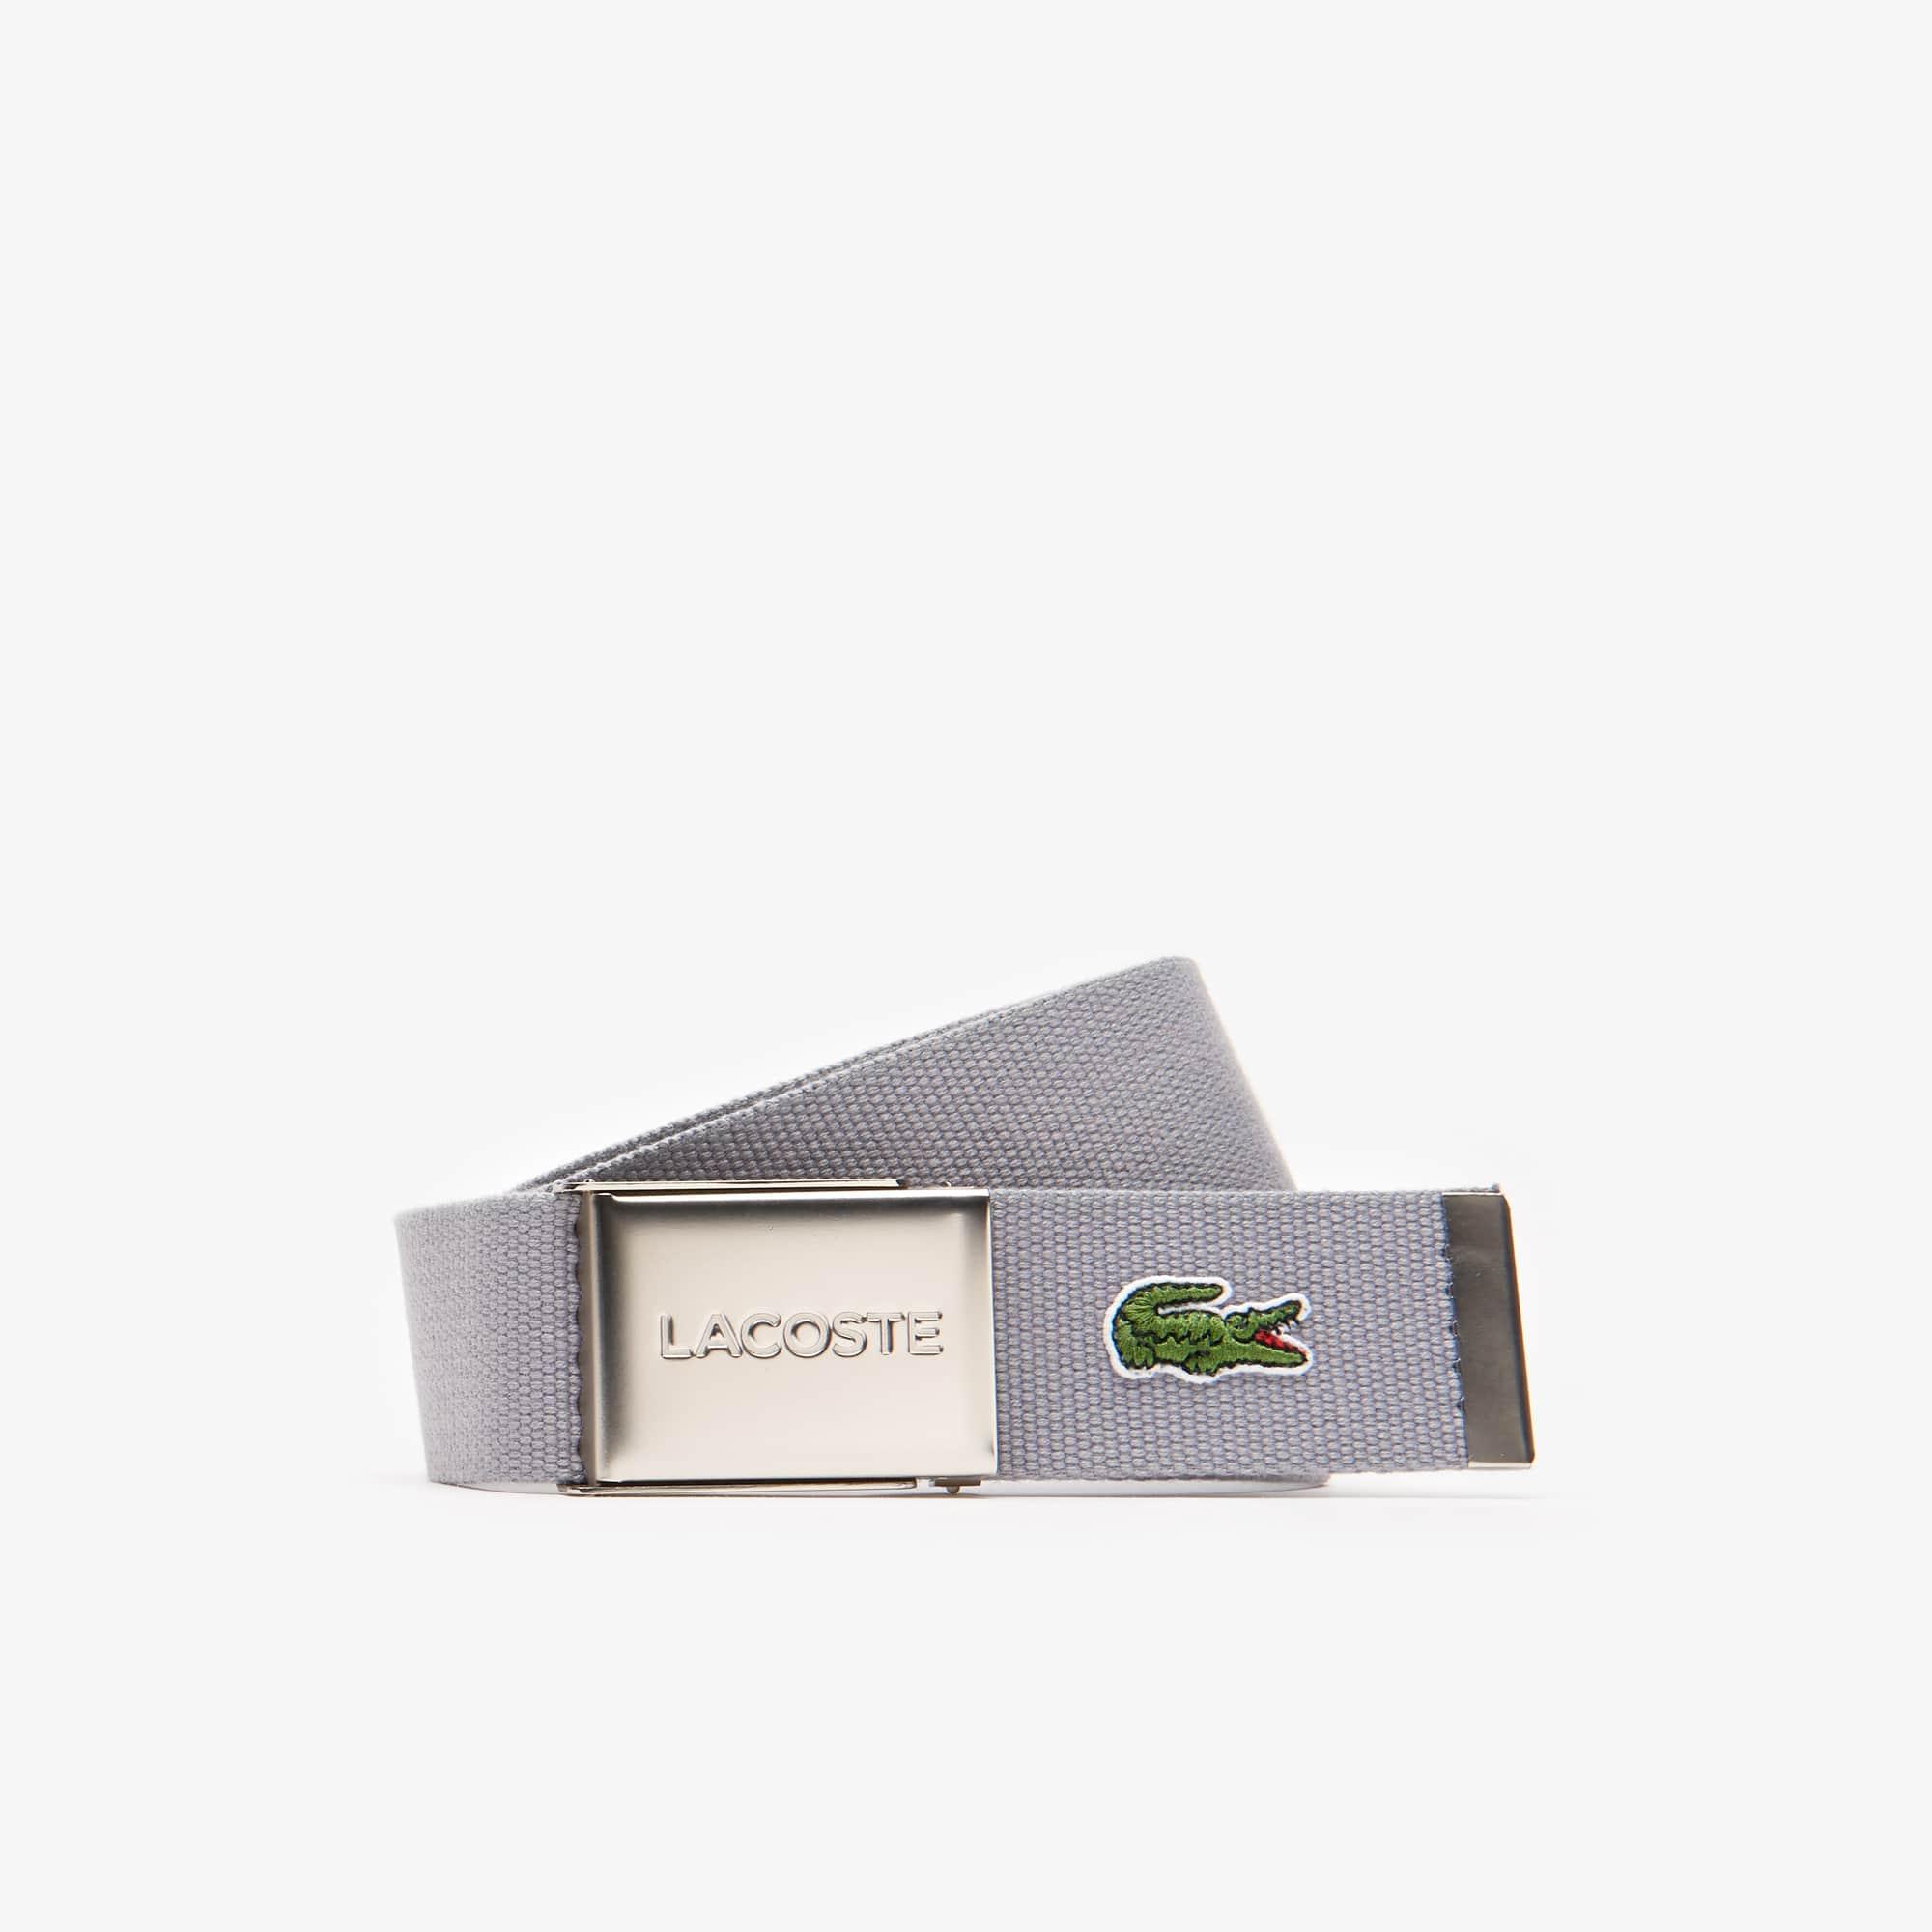 Herren LACOSTE-gravierter Schnallengürtel Made in France Edition